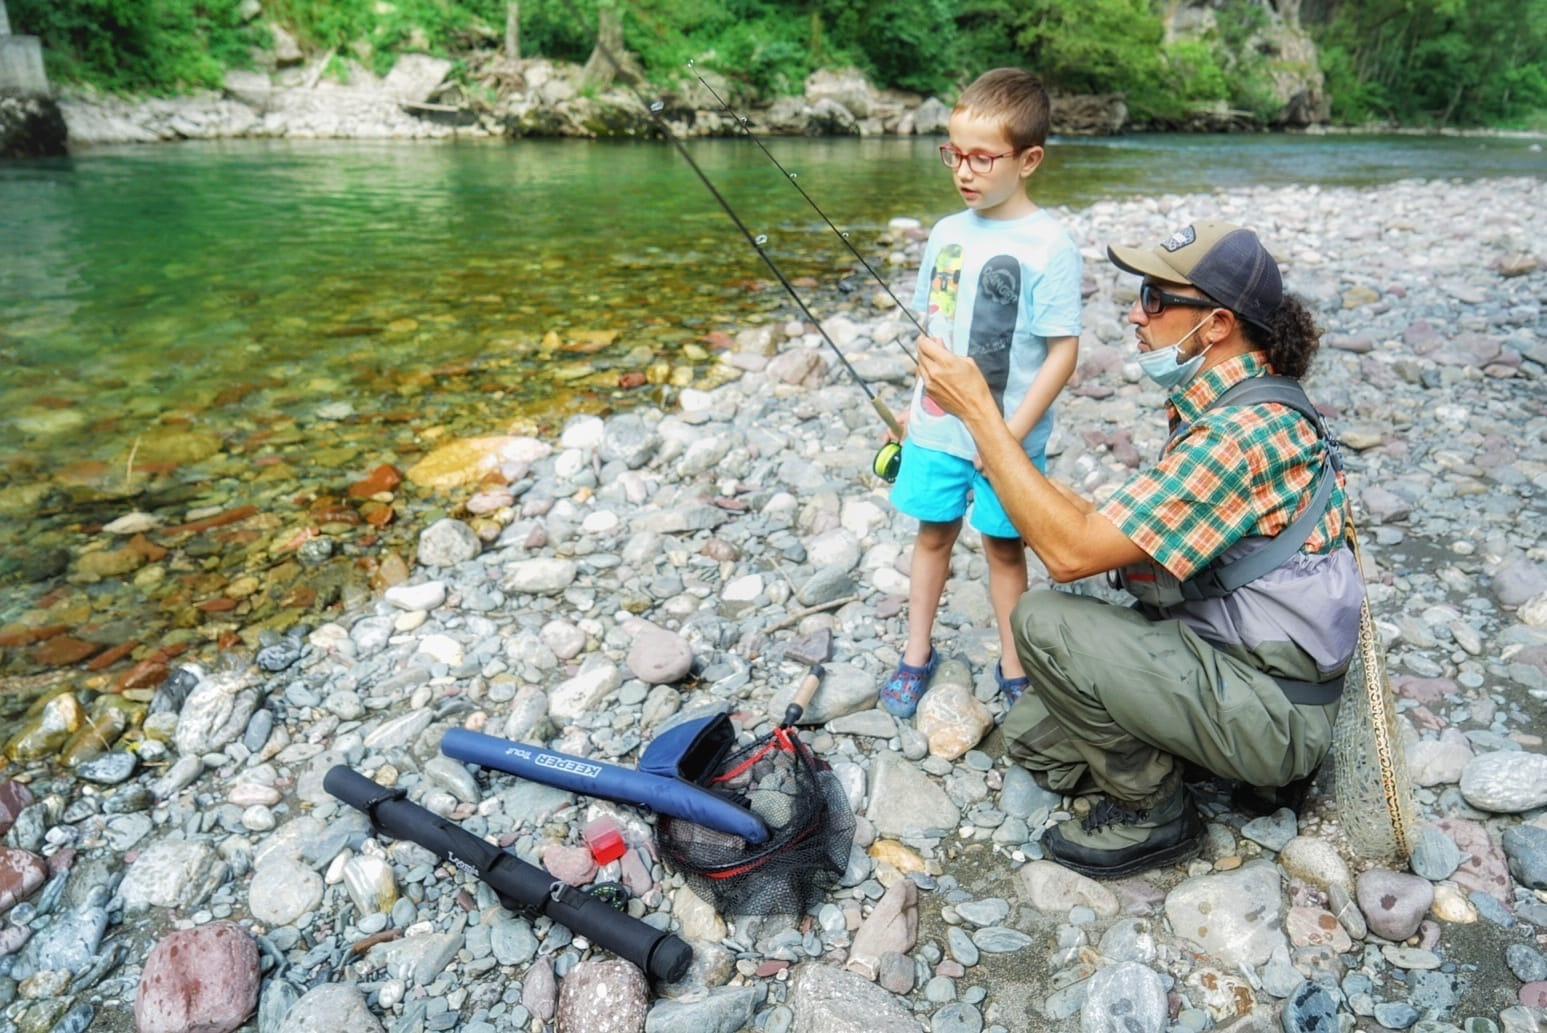 Los niños prestan mucha atención al monitor durante las clases de pesca